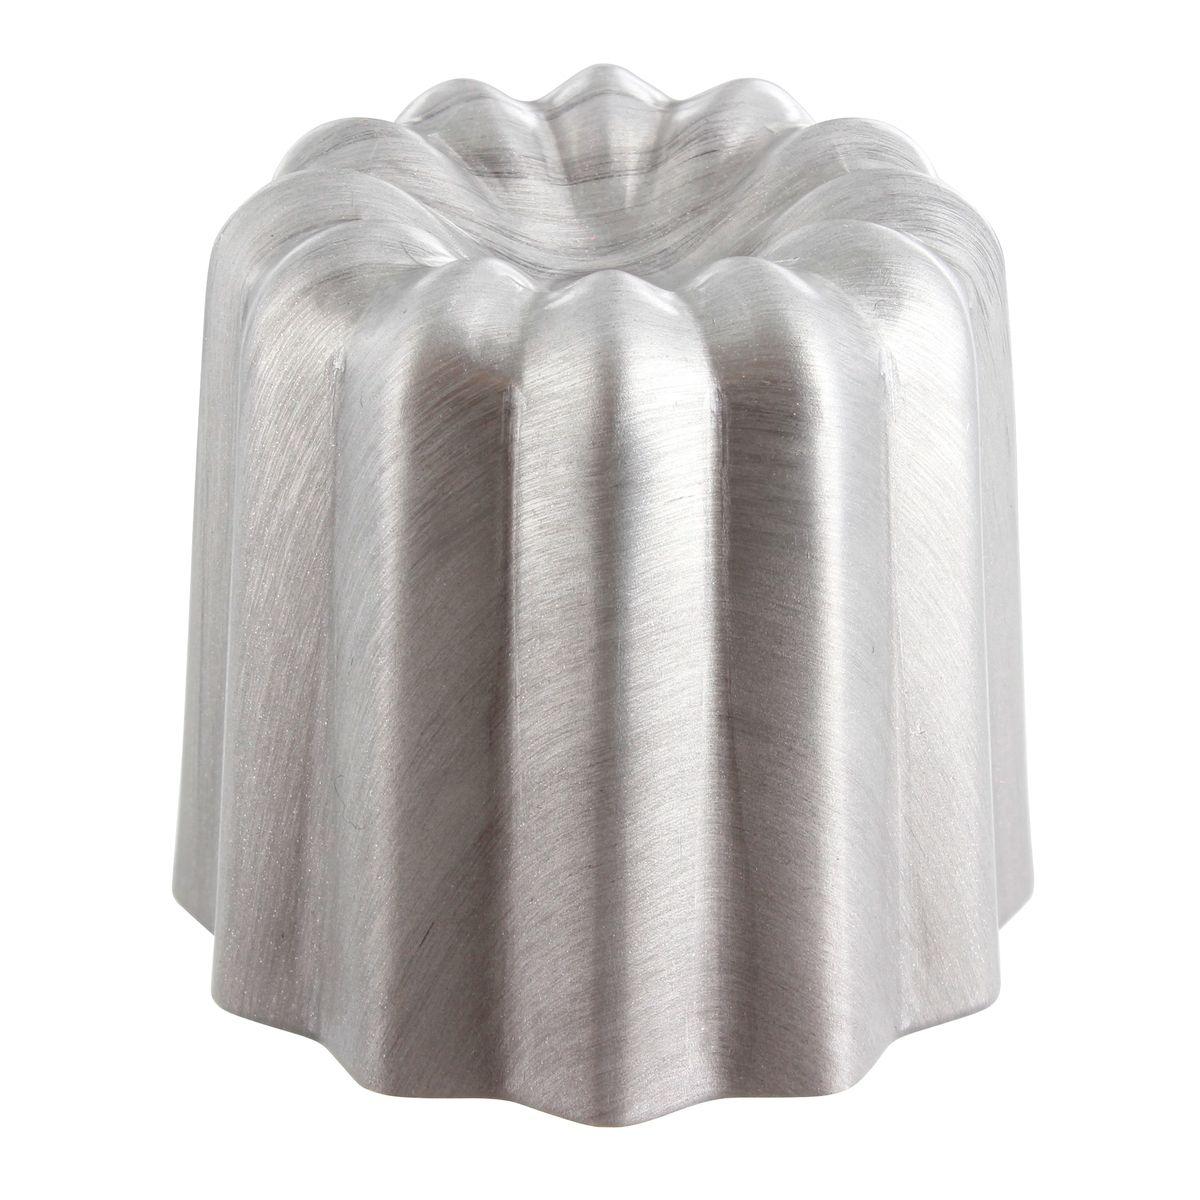 Moule à cannelé en aluminium revêtu anti adhérent 5.5 cm - Alice Délice